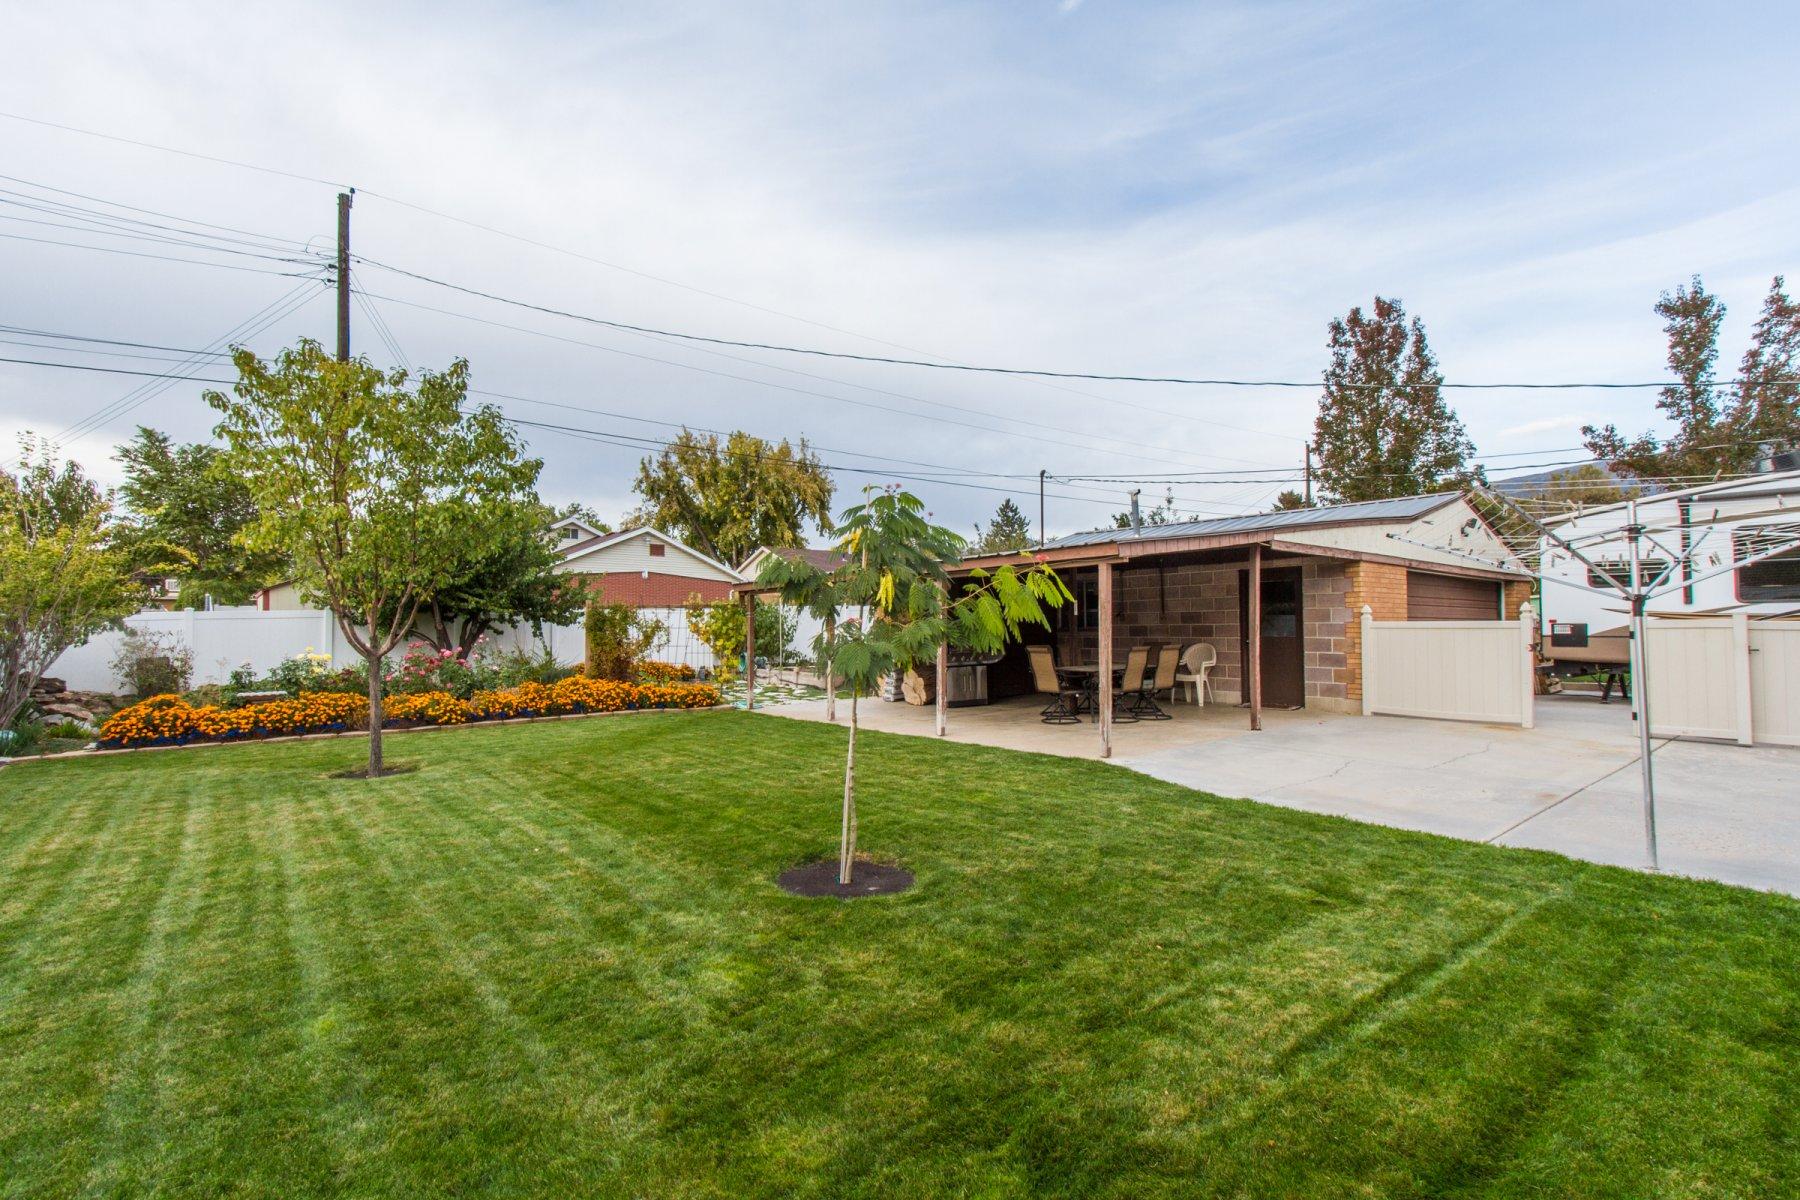 Real Property Layton Utah